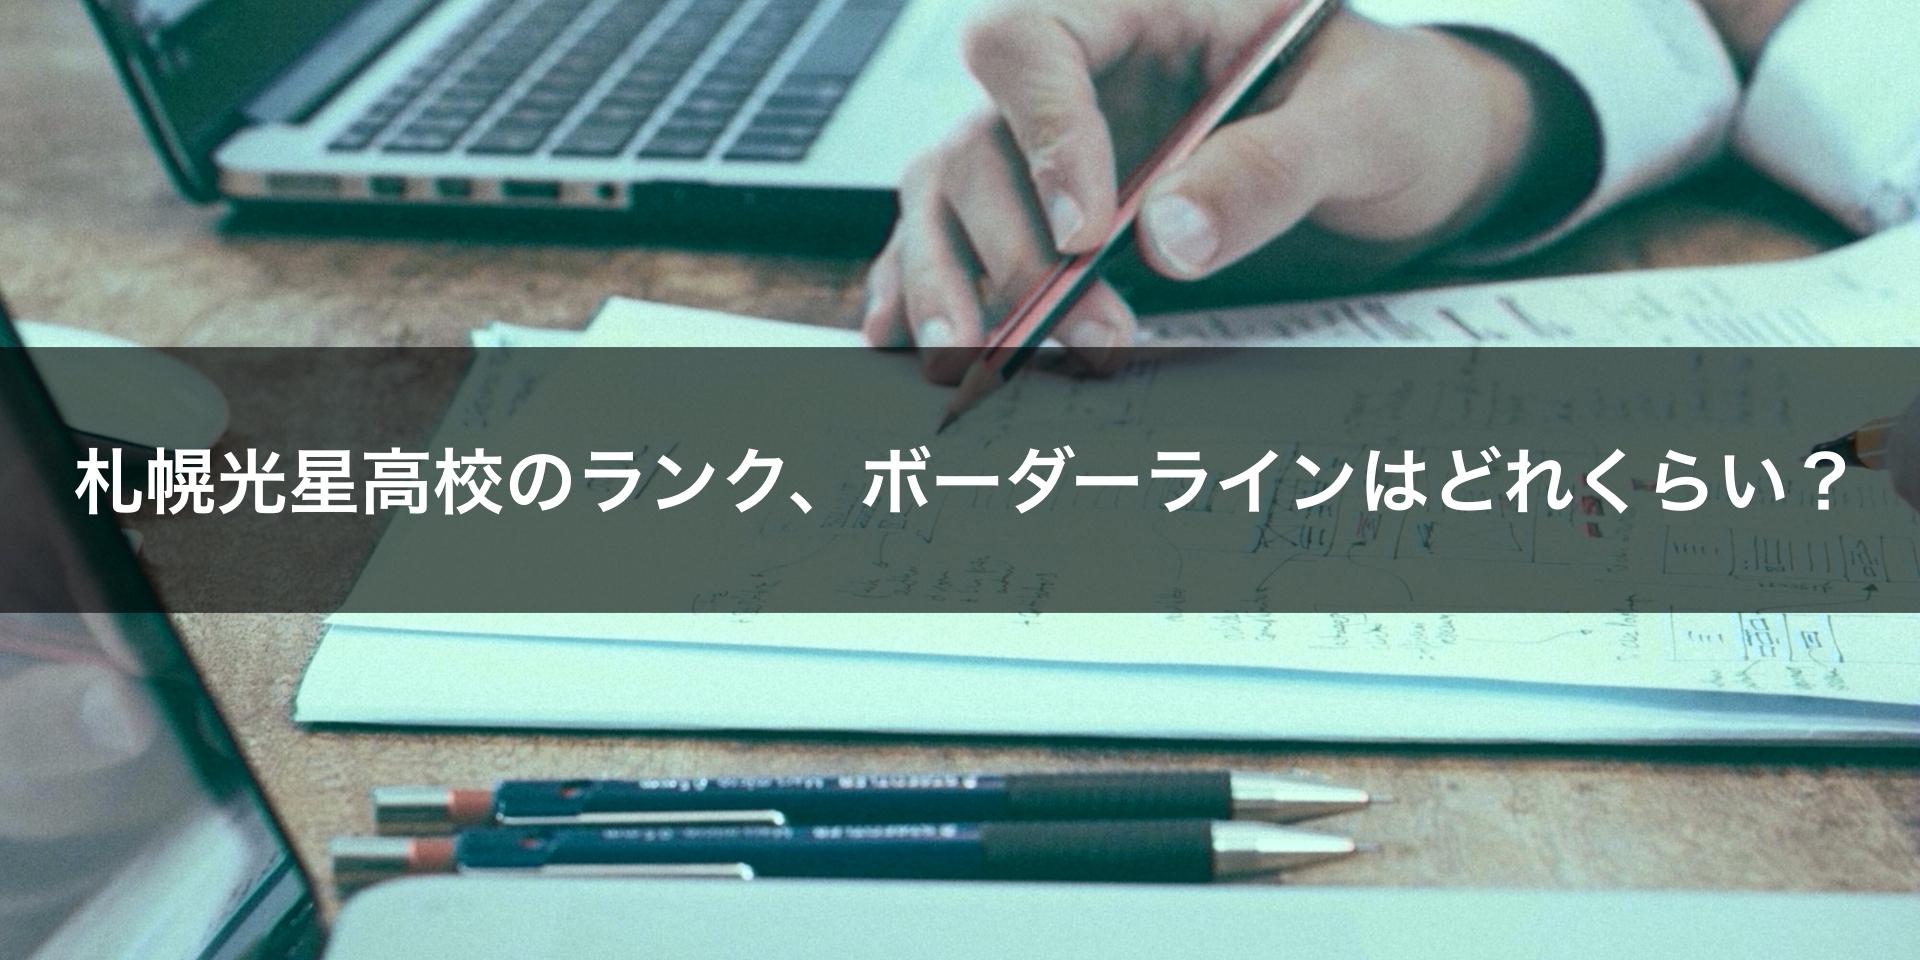 札幌光星高校のランク、ボーダーラインはどれくらい?